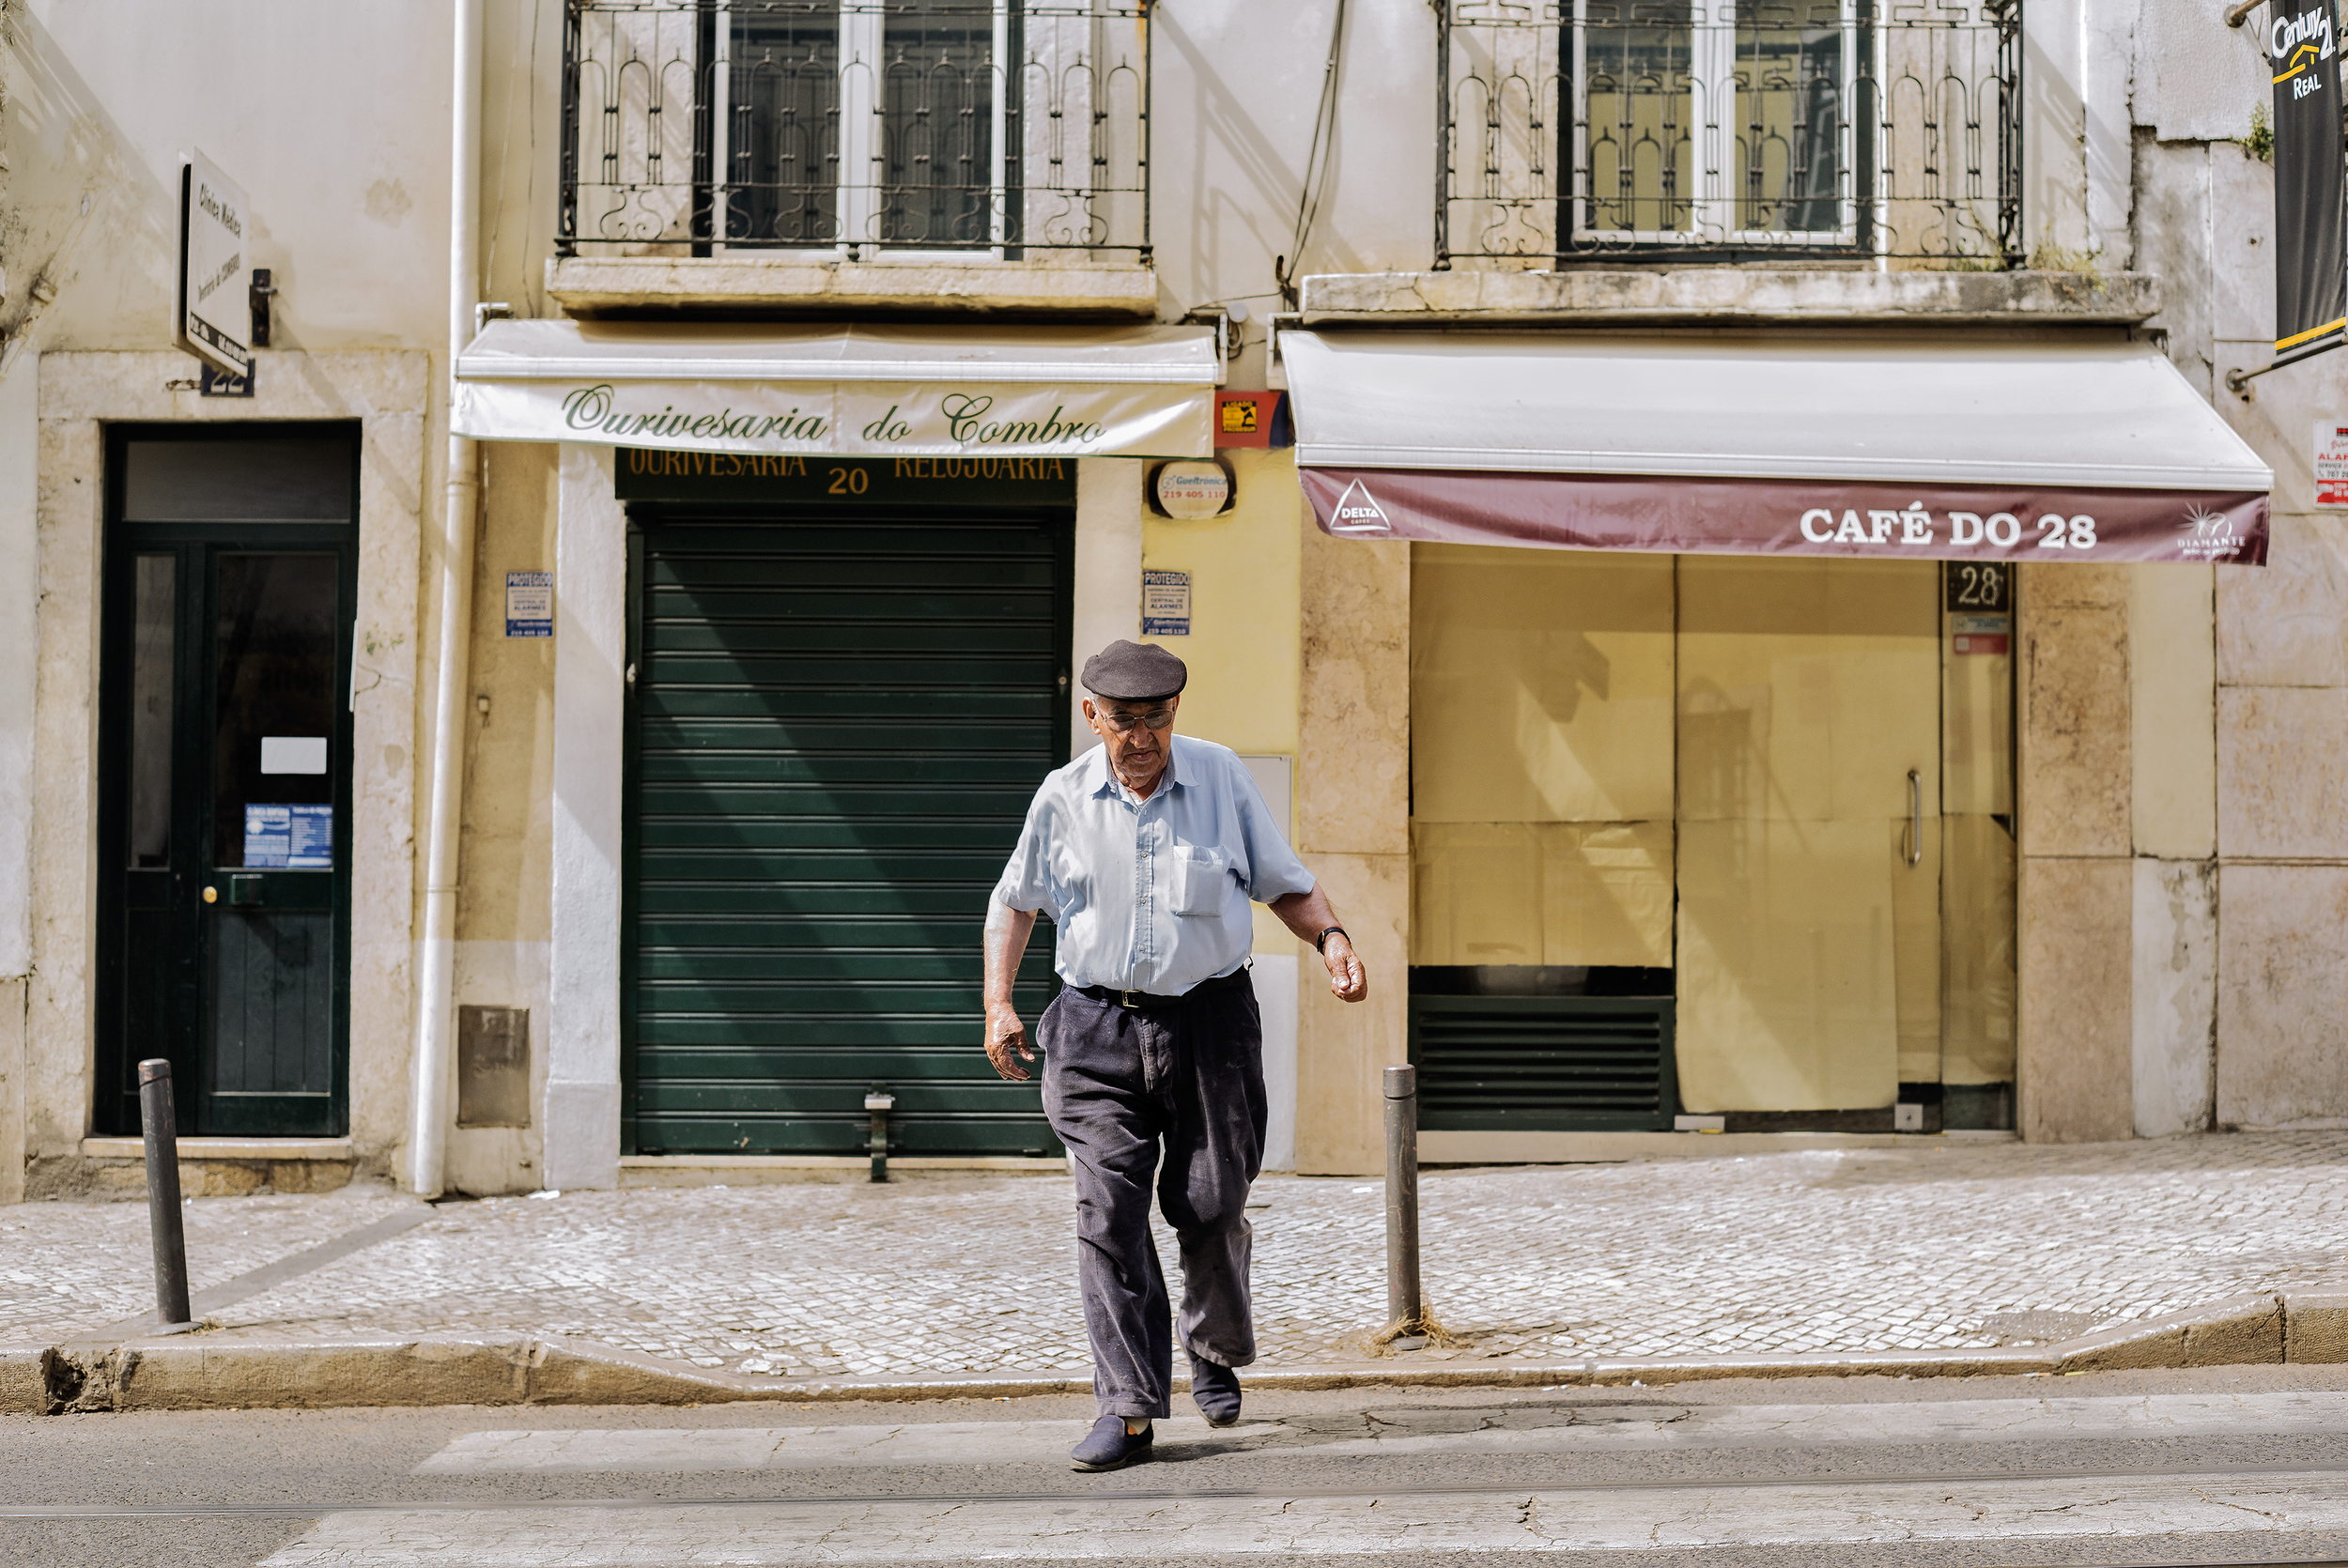 crosswalkman.jpg